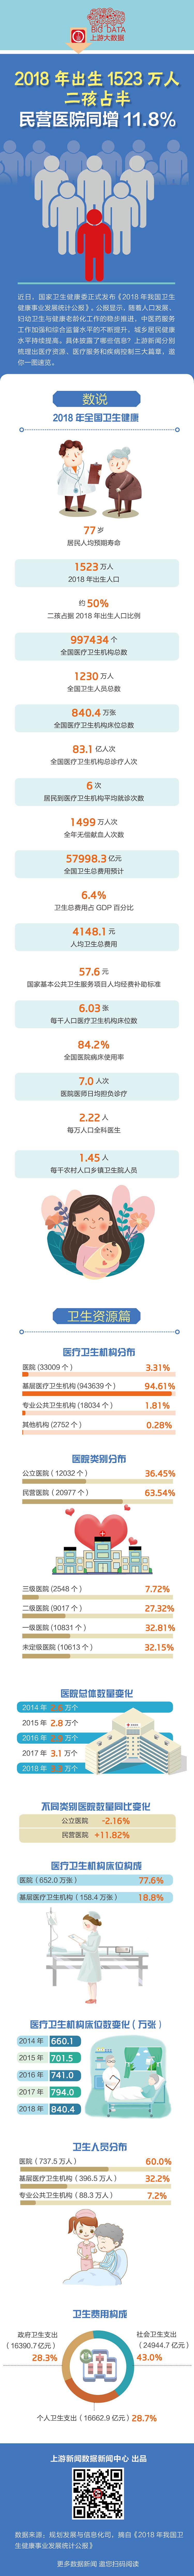 出生人口大数据.jpg